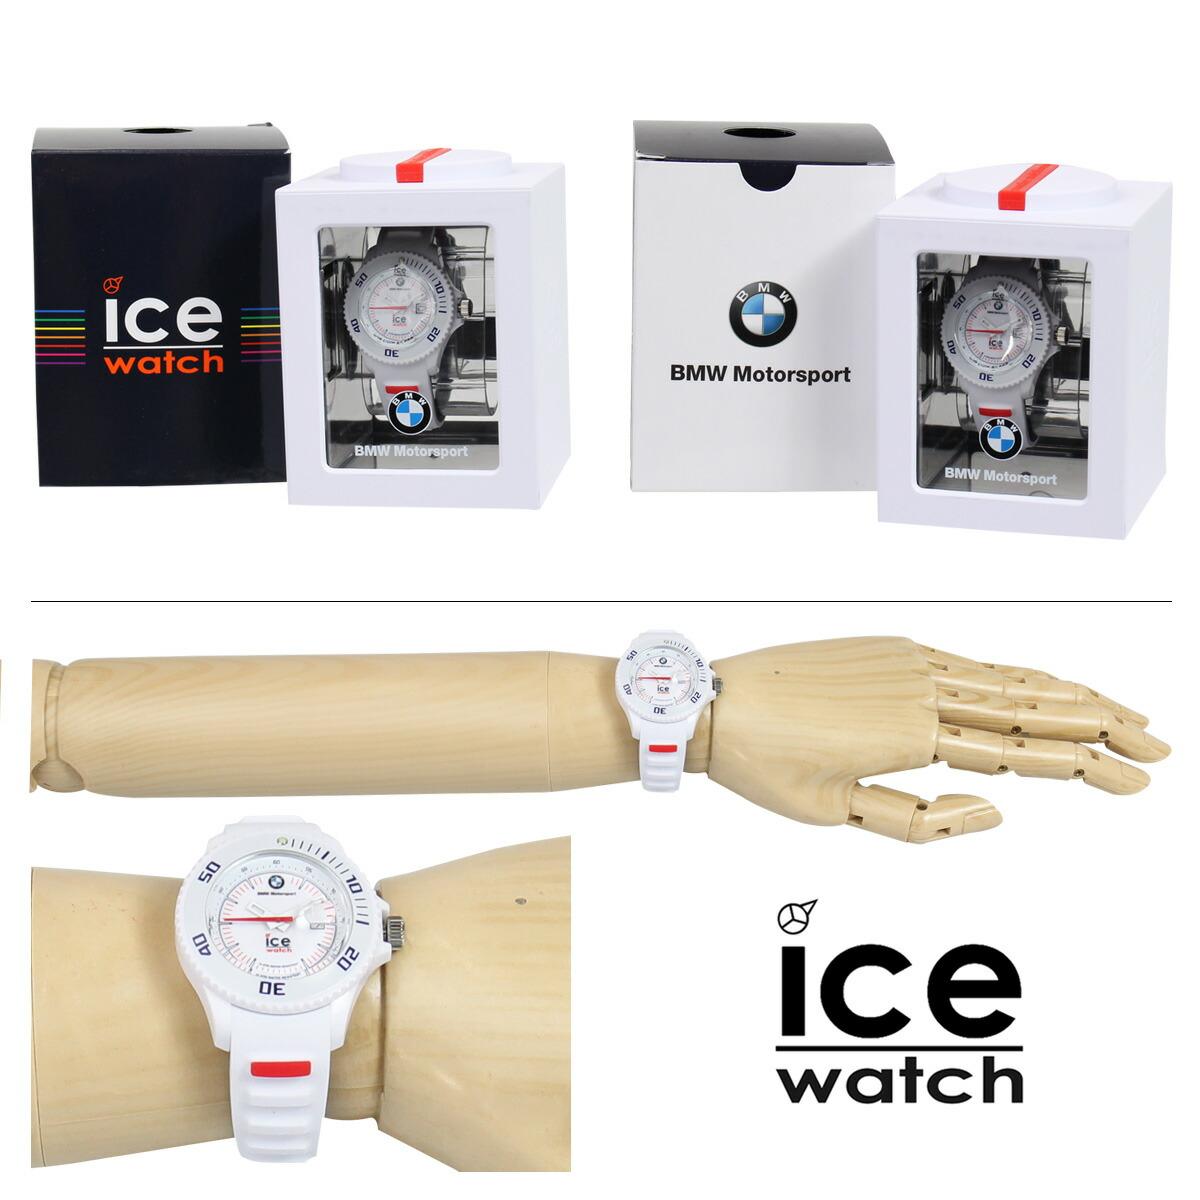 ztn-ice150711-01-c.jpg